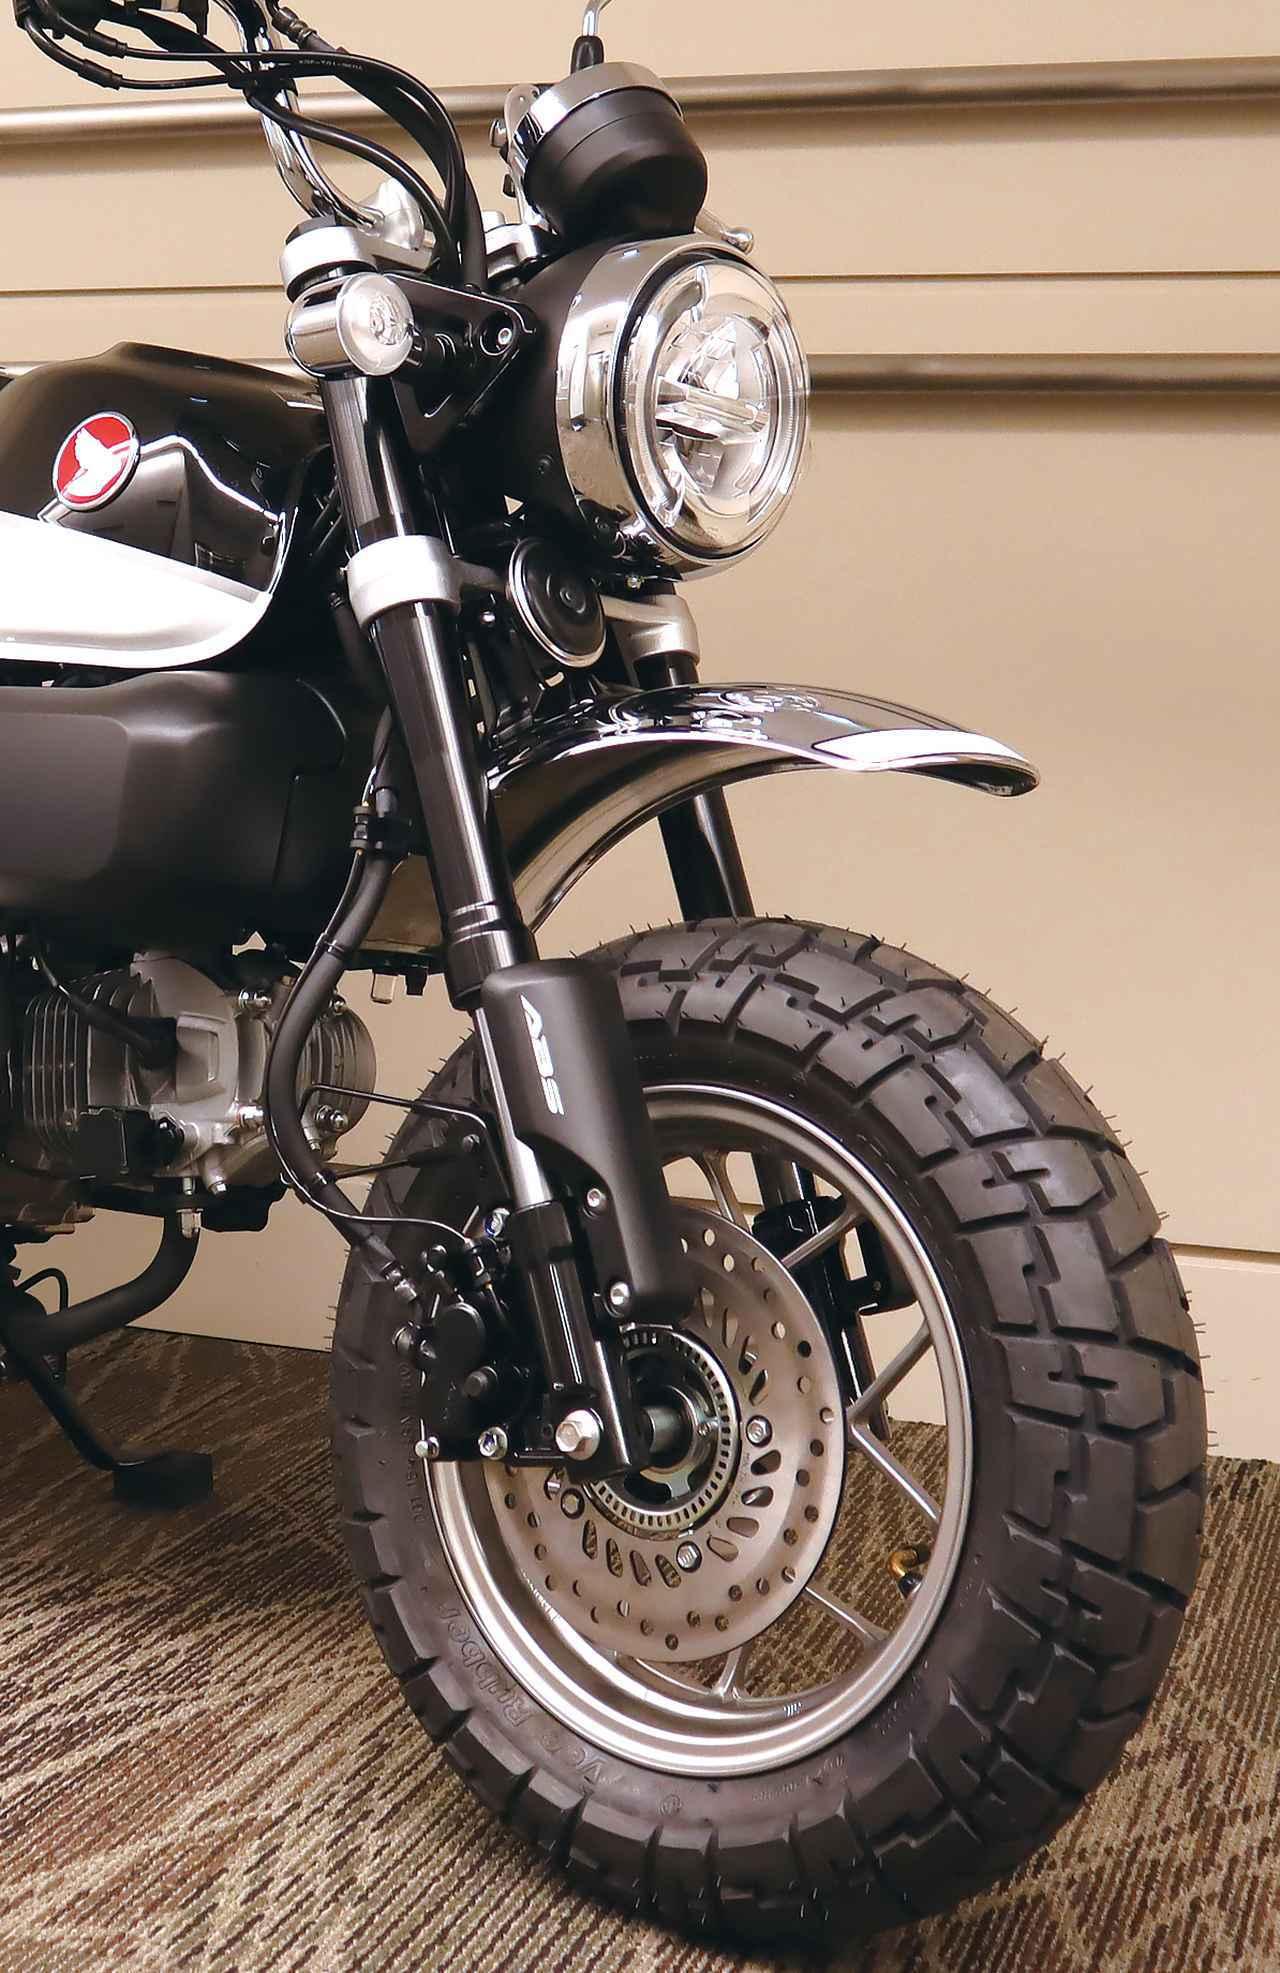 【ホンダ2020ニューモデル情報(5)】ホンダの原付二種ファンバイク「モンキー125」2020年カラーに「ブラック」がラインアップ!